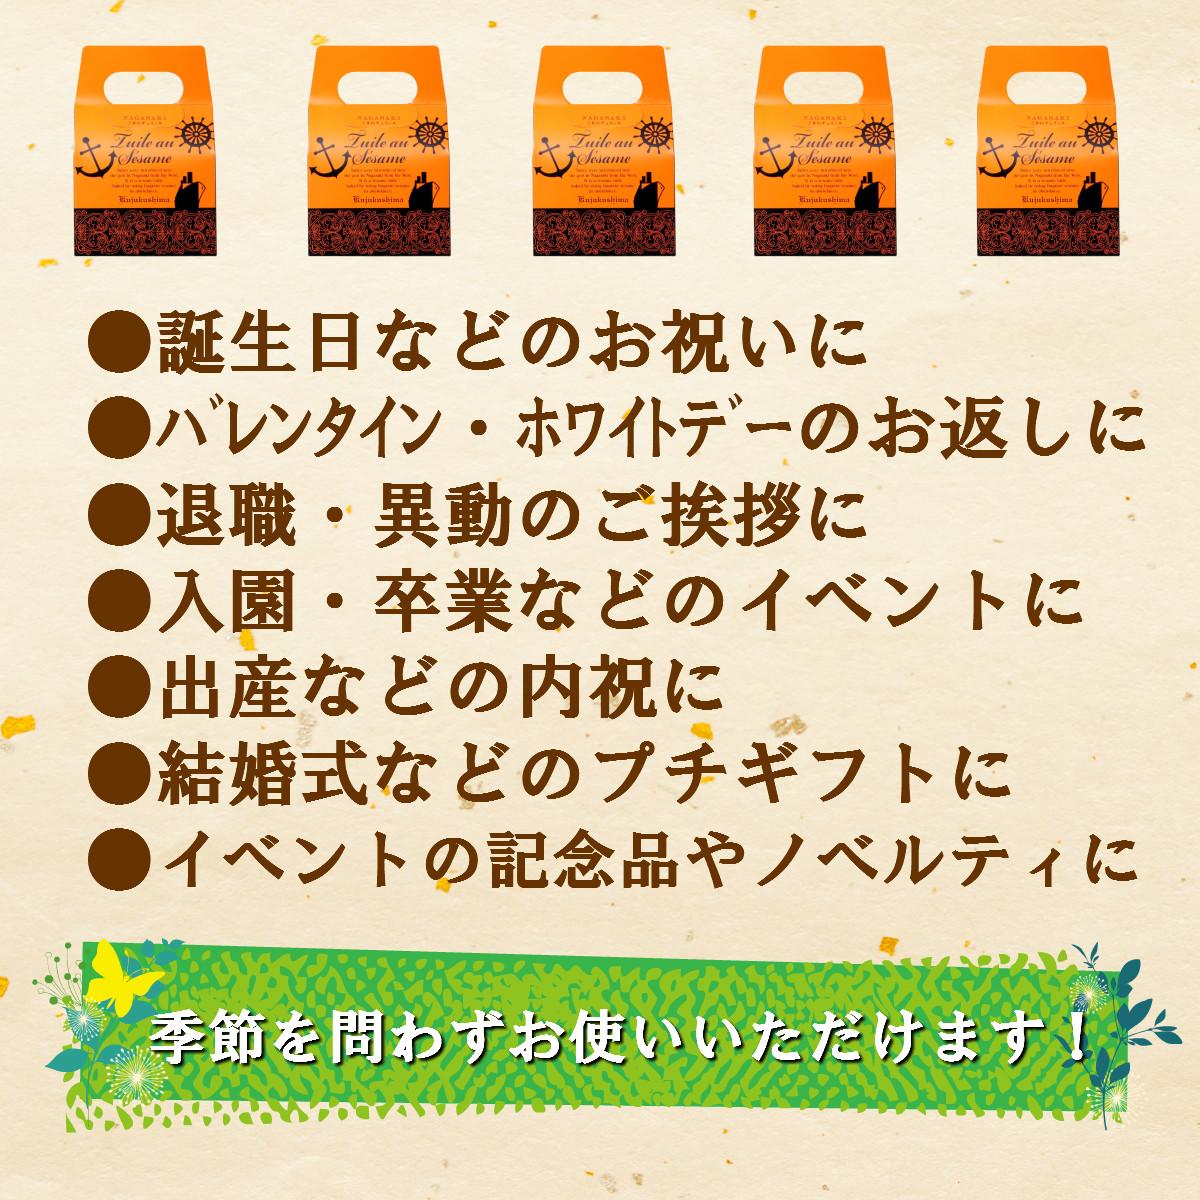 ごまのチュイール5枚入り8個セット(おまけ付)(長崎便)